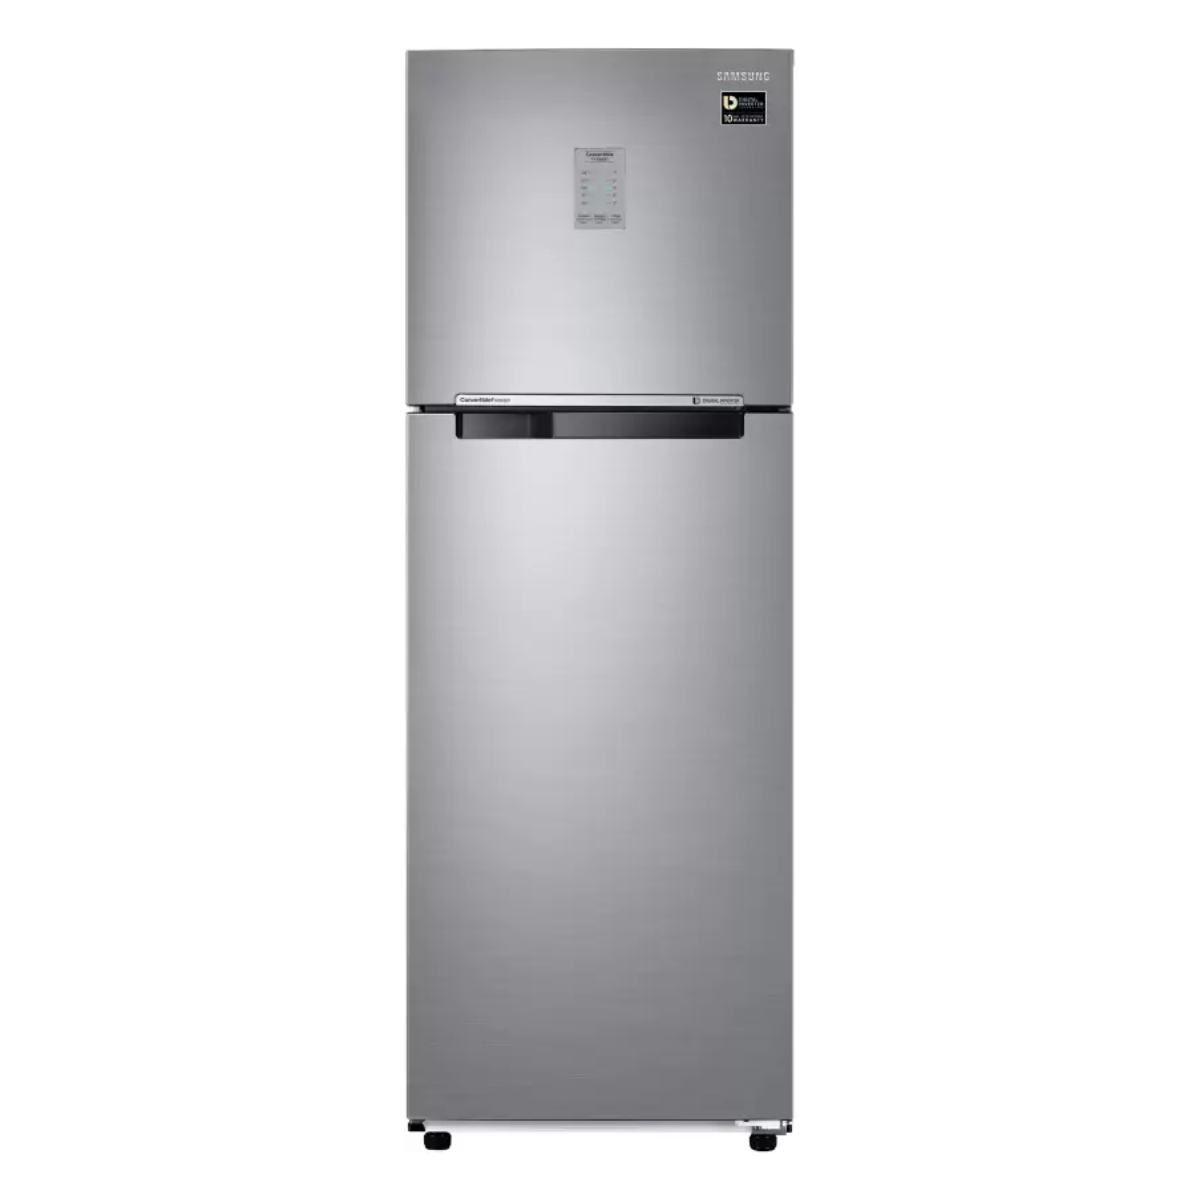 சேம்சங் 275 L Frost Free Double Door Refrigerator